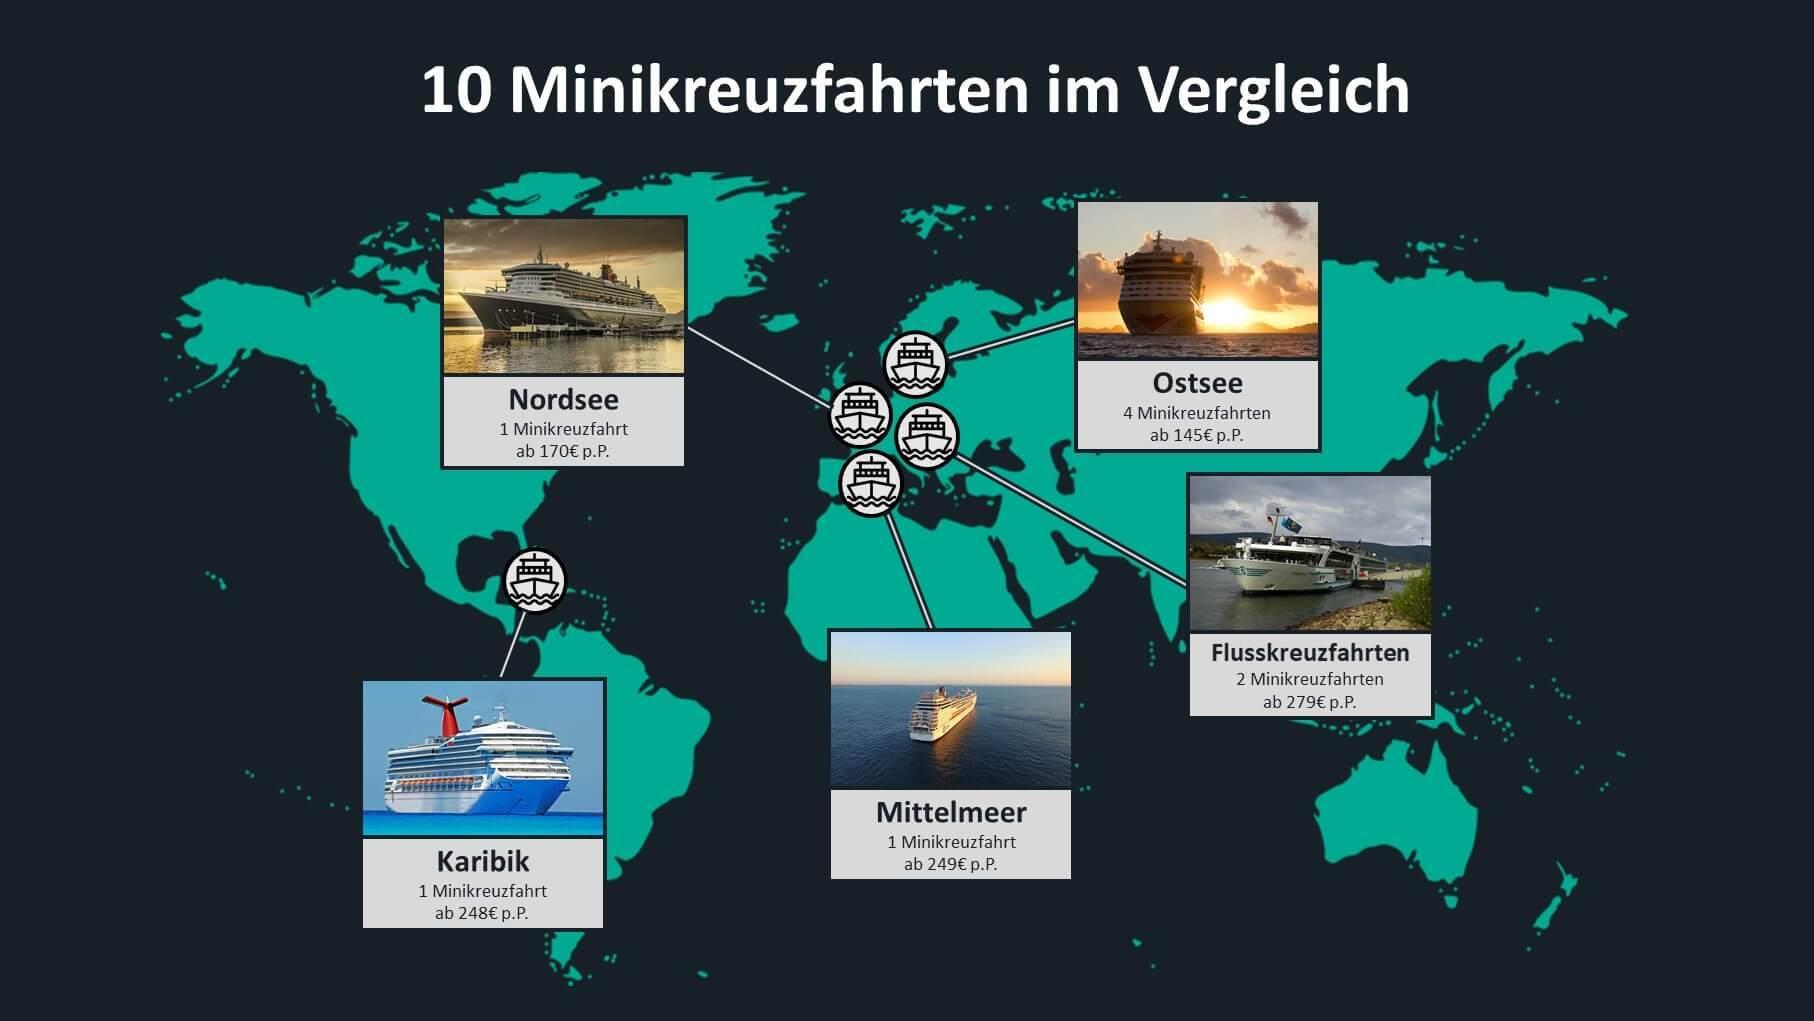 10 Minikreuzfahrten im Vergleich